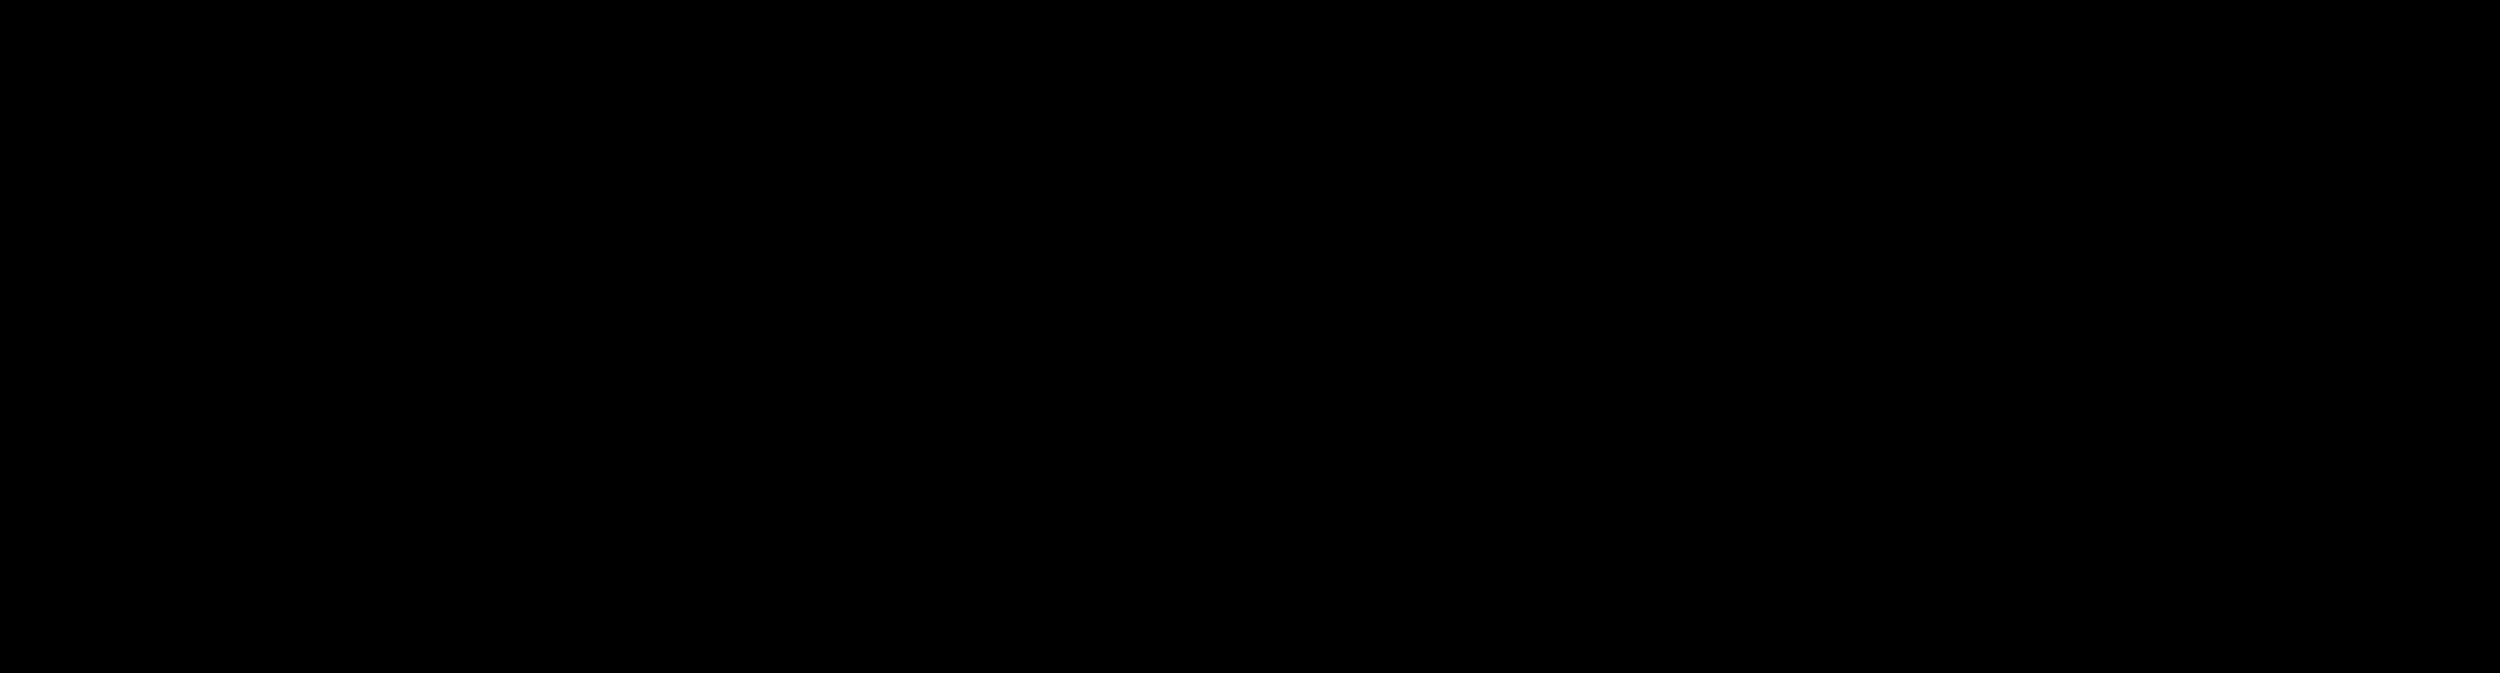 AFC_TextAndSquare_Horizontal_Black_Transparent.png